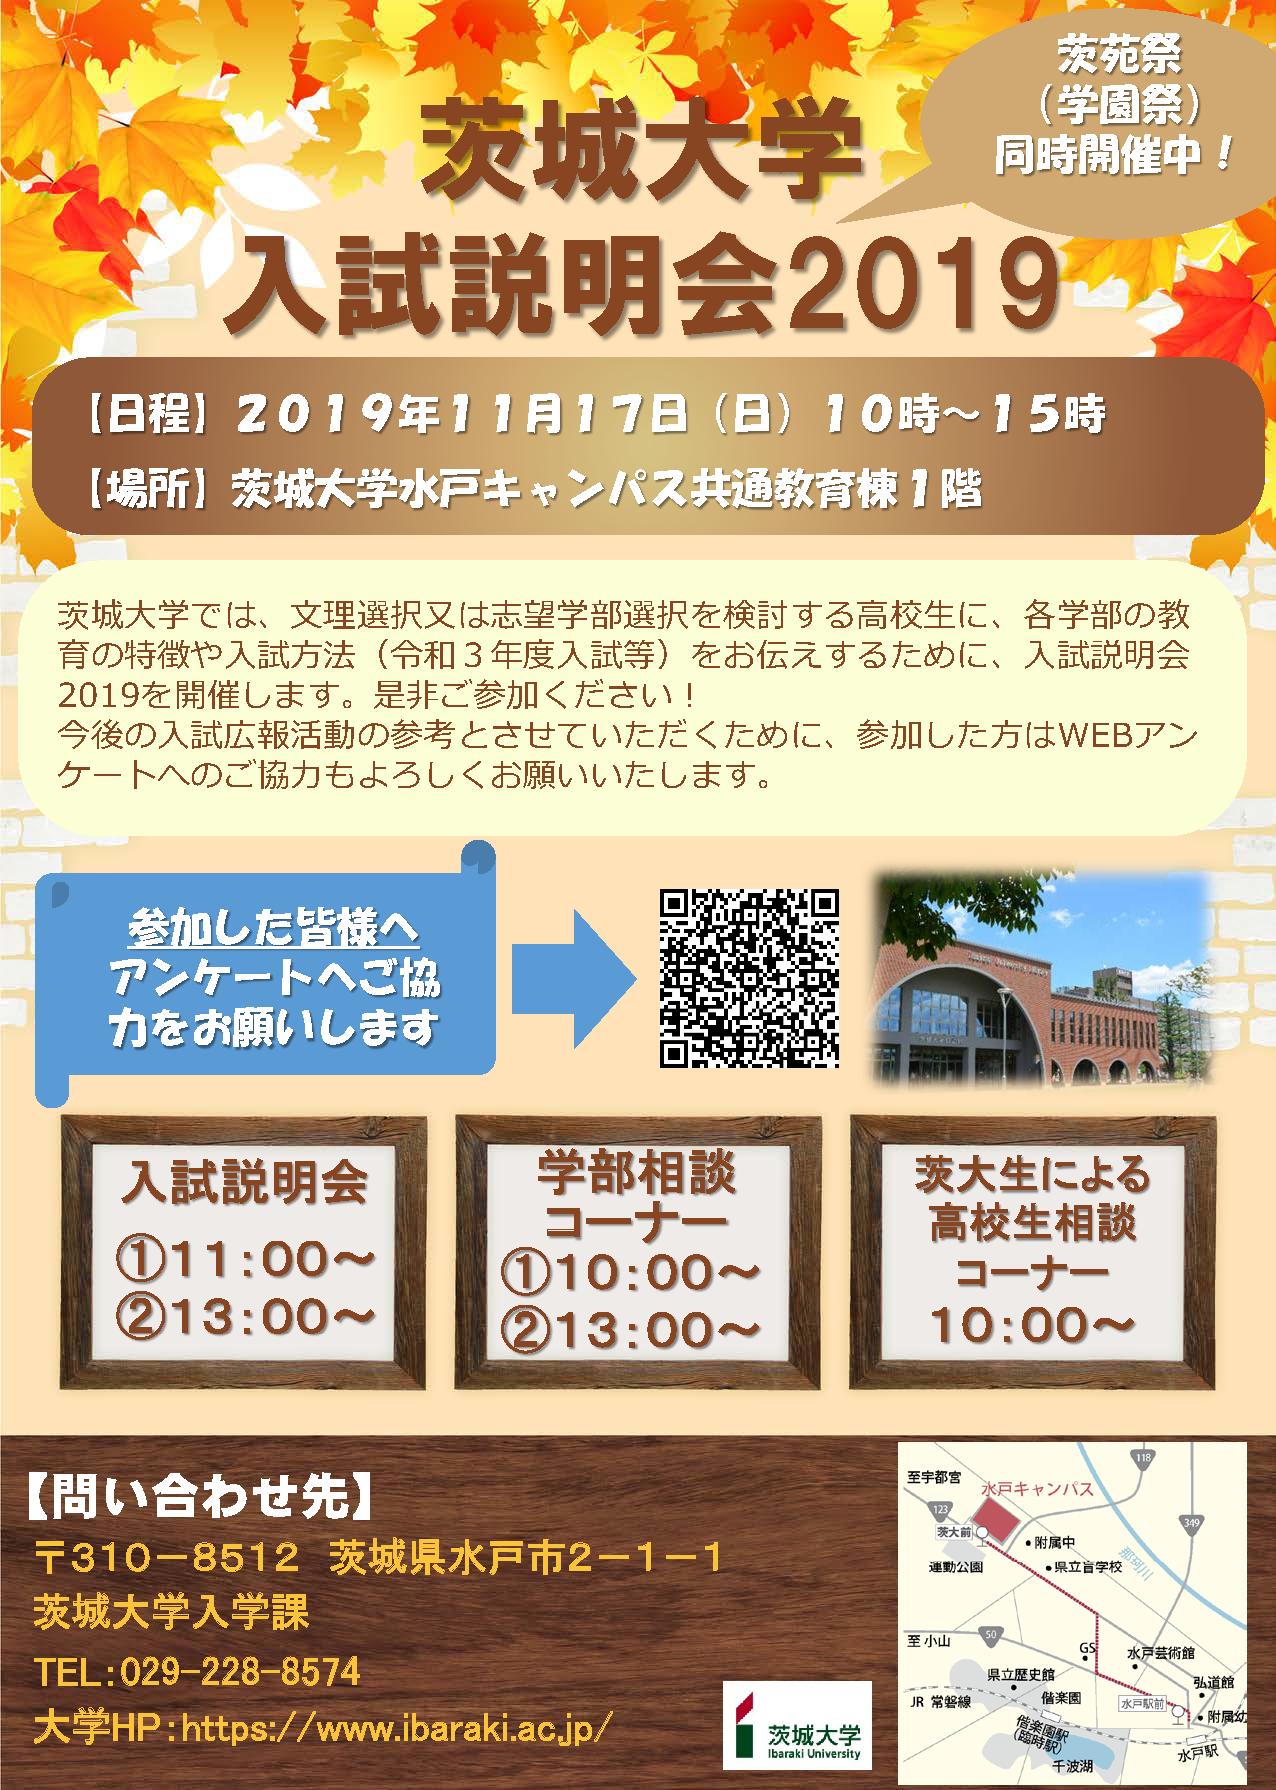 2019nyuushiSetsumei3_1002.png